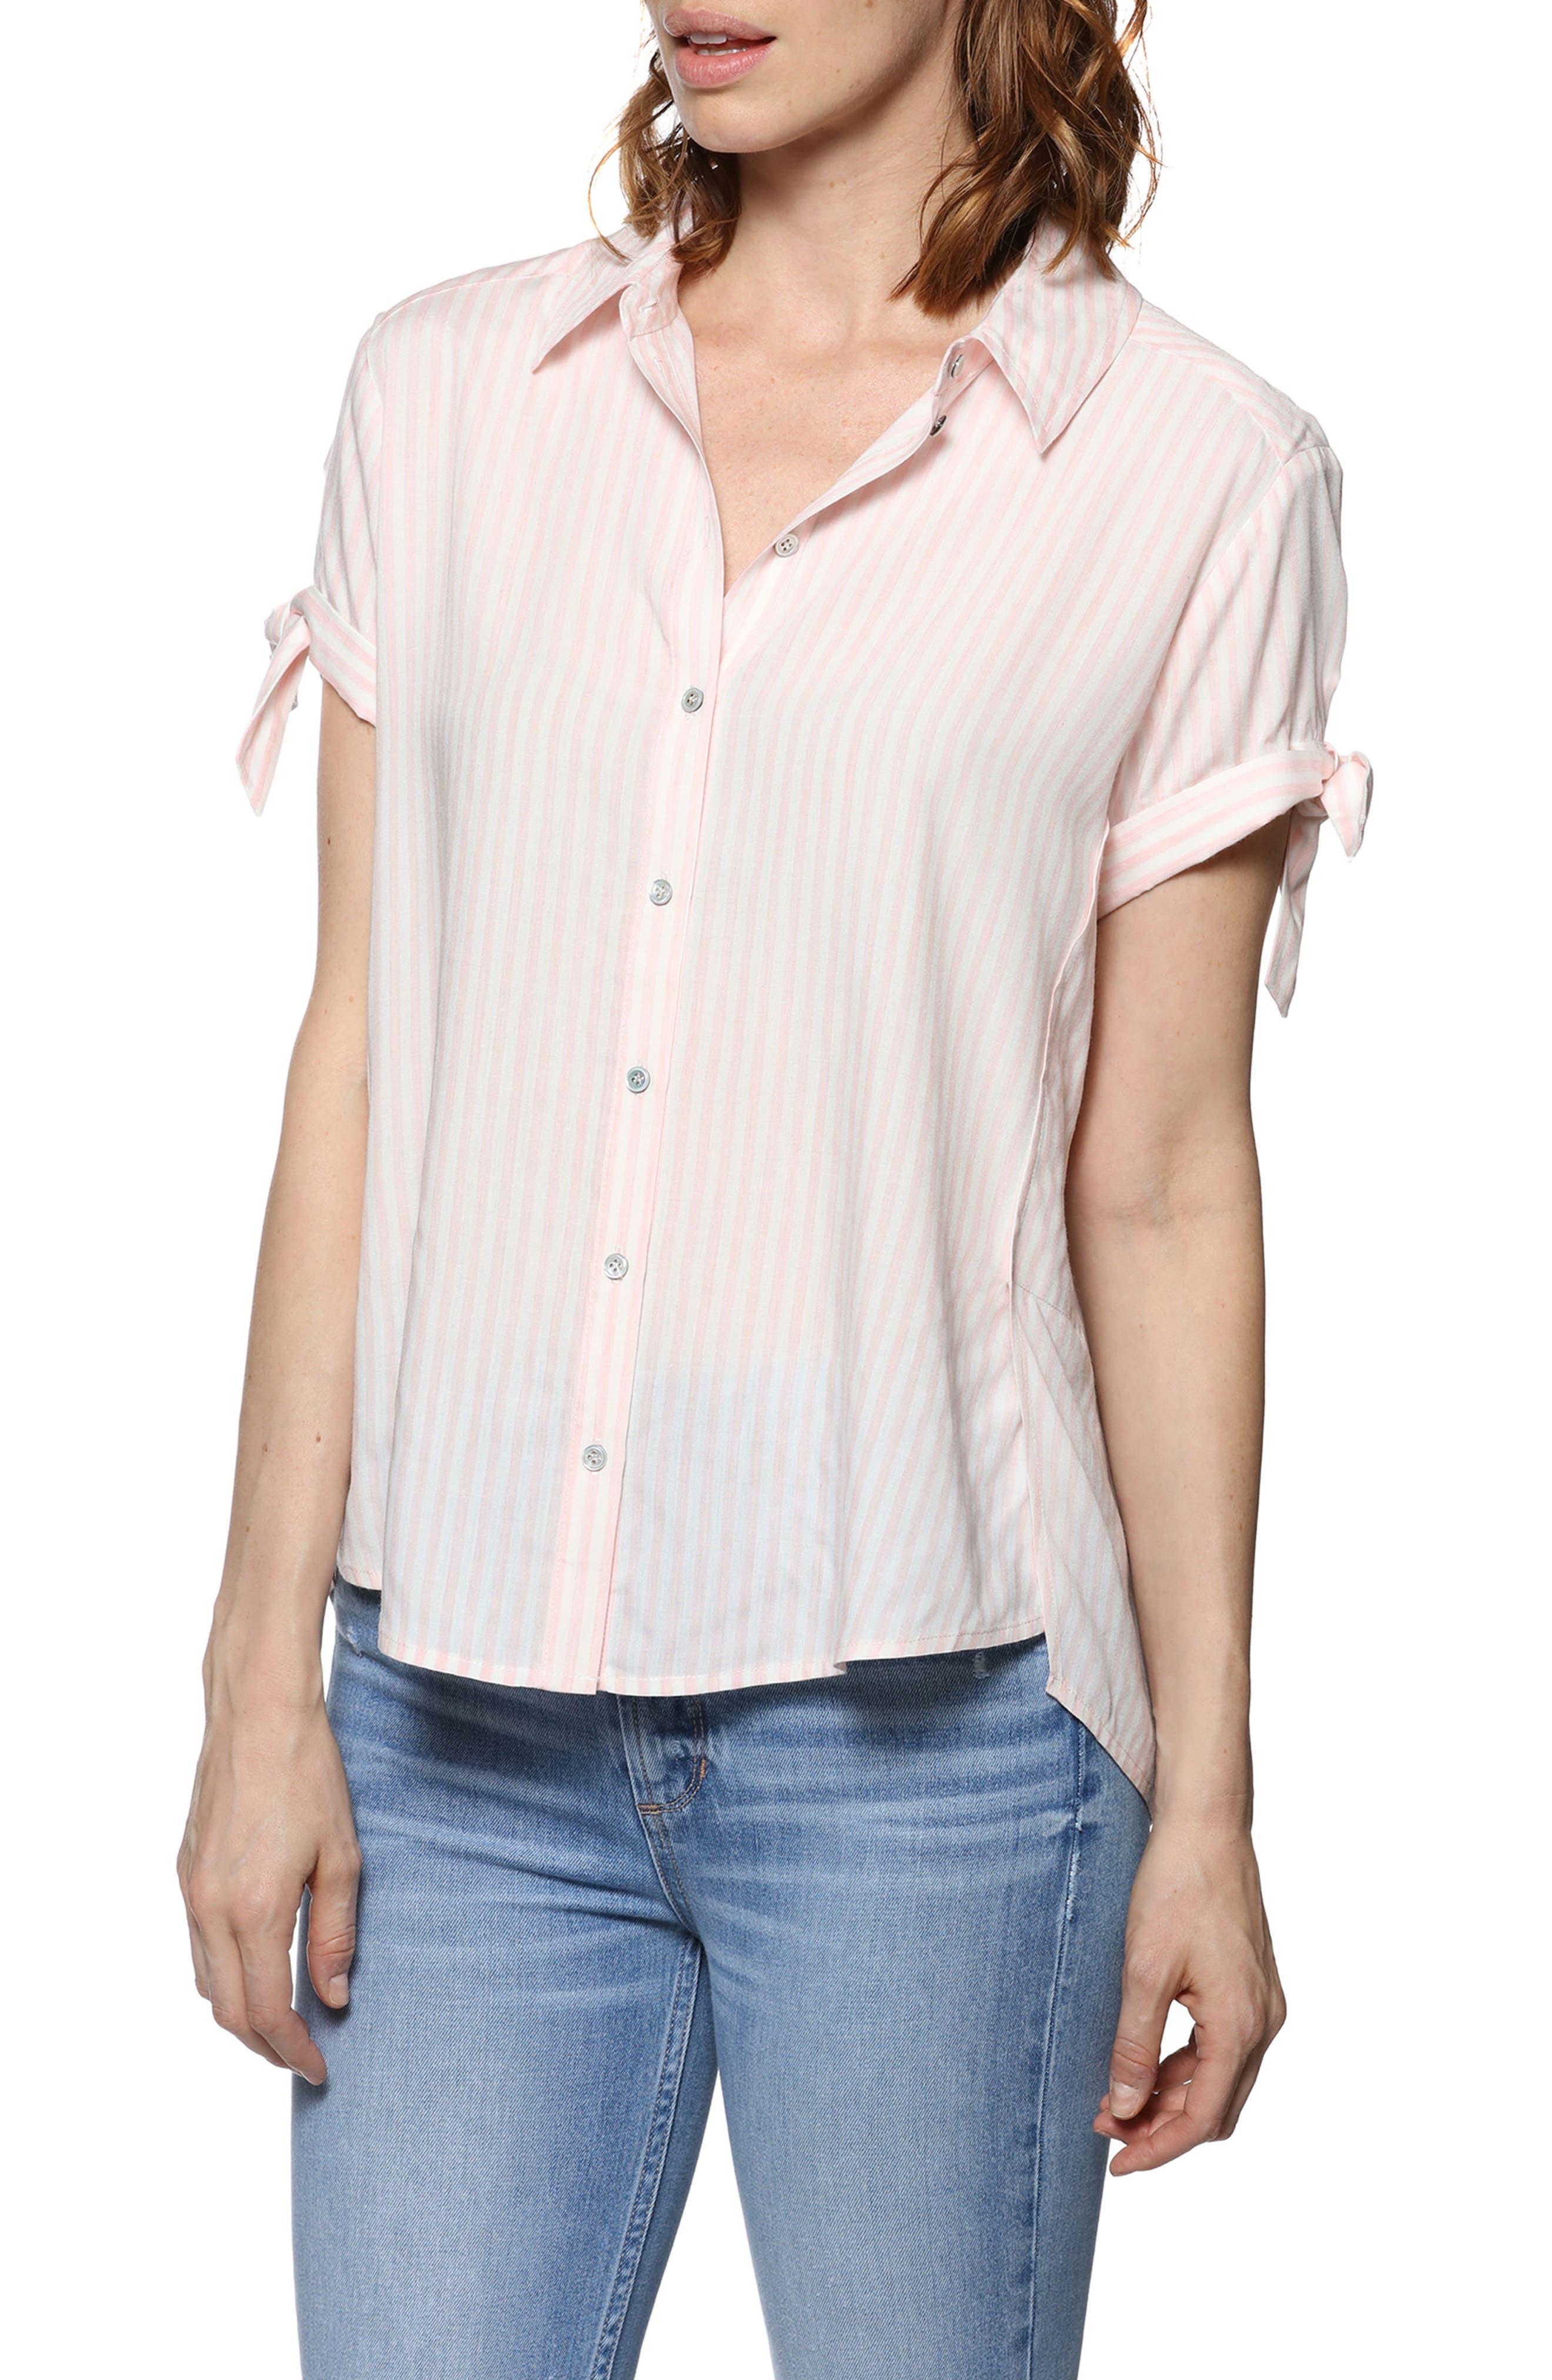 PAIGE Avery Shirt